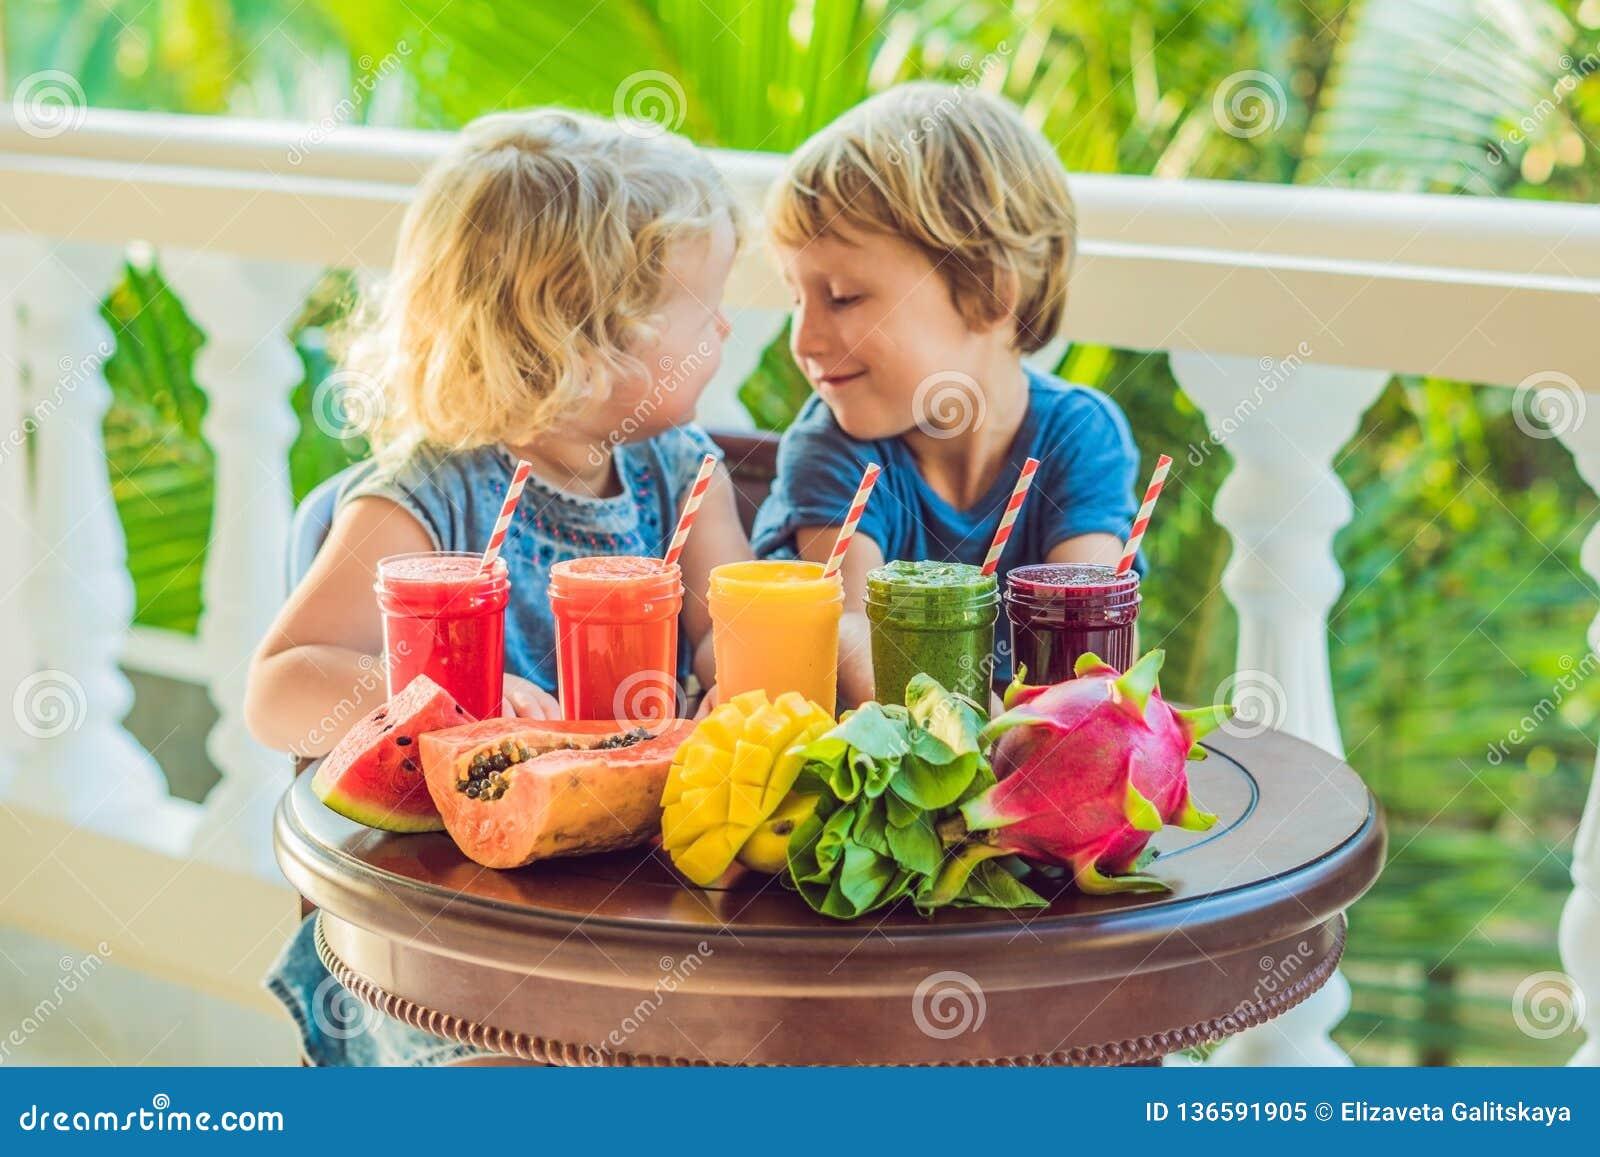 Дети выпивают красочные здоровые smoothies Арбуз, папапайя, манго, шпинат и дракон приносить Smoothies, соки